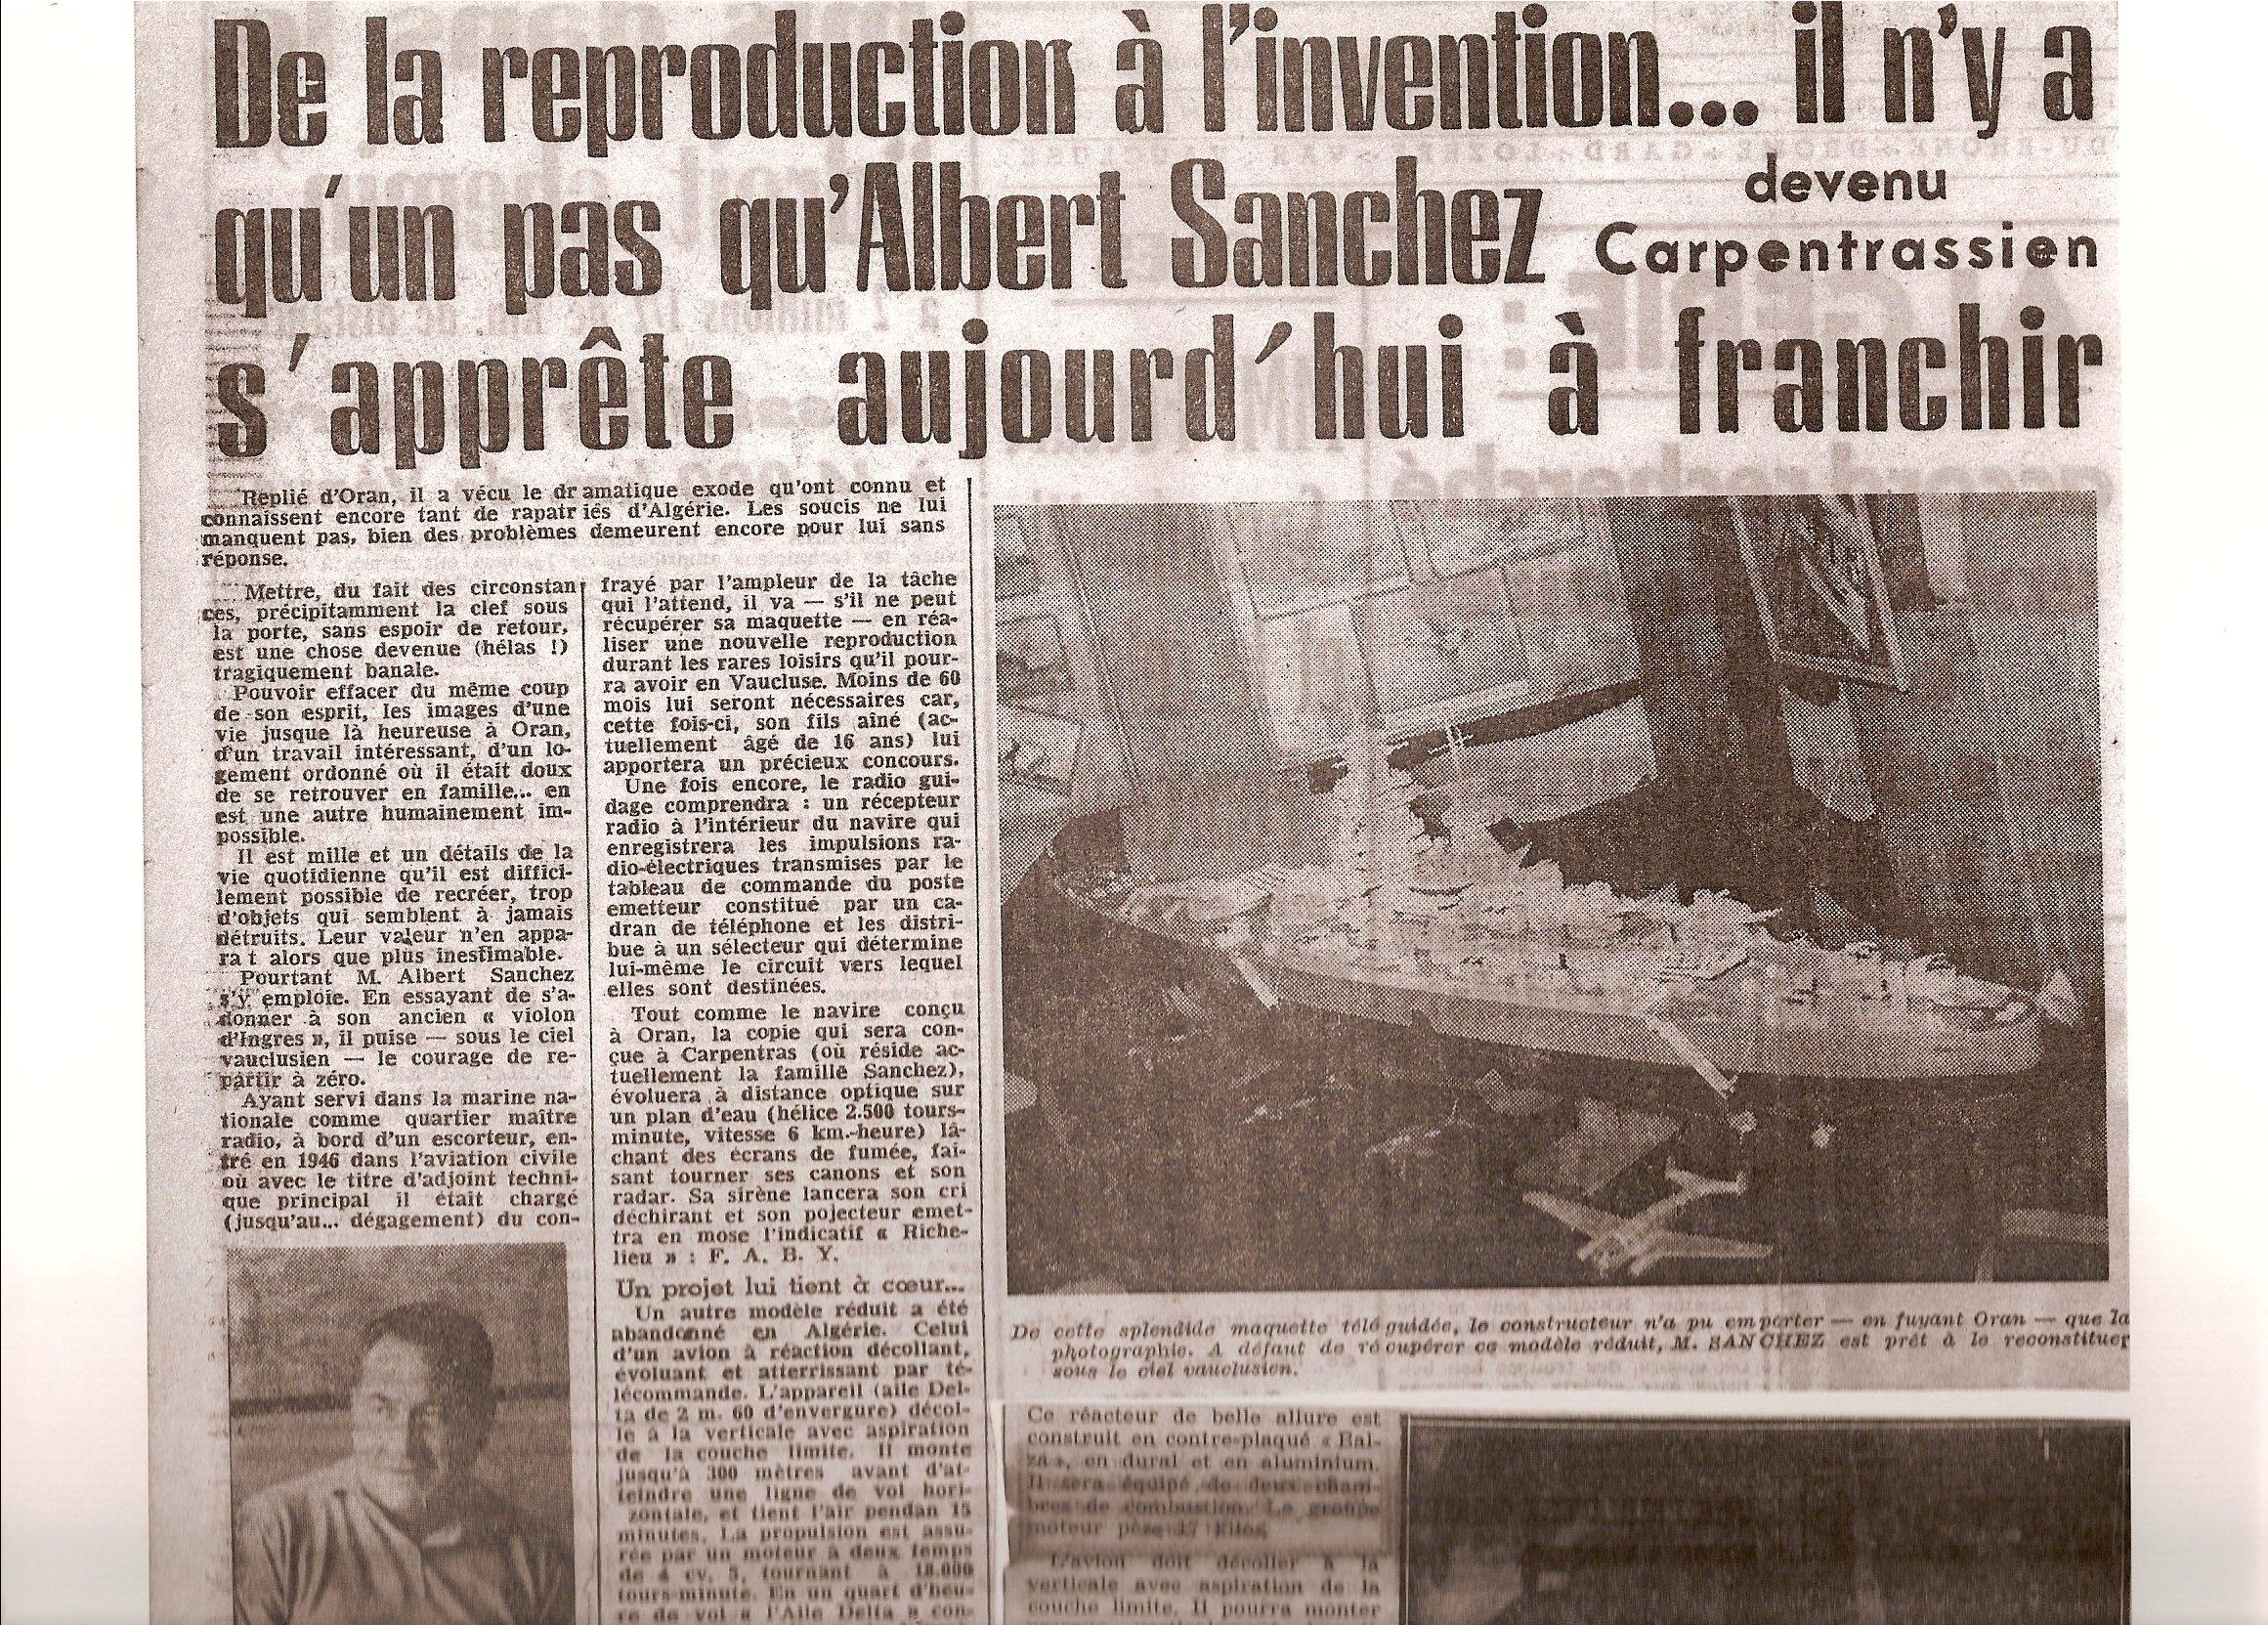 Cuirassé Richelieu 1/100 ème 100% fait main, à partir des années 40... Image17